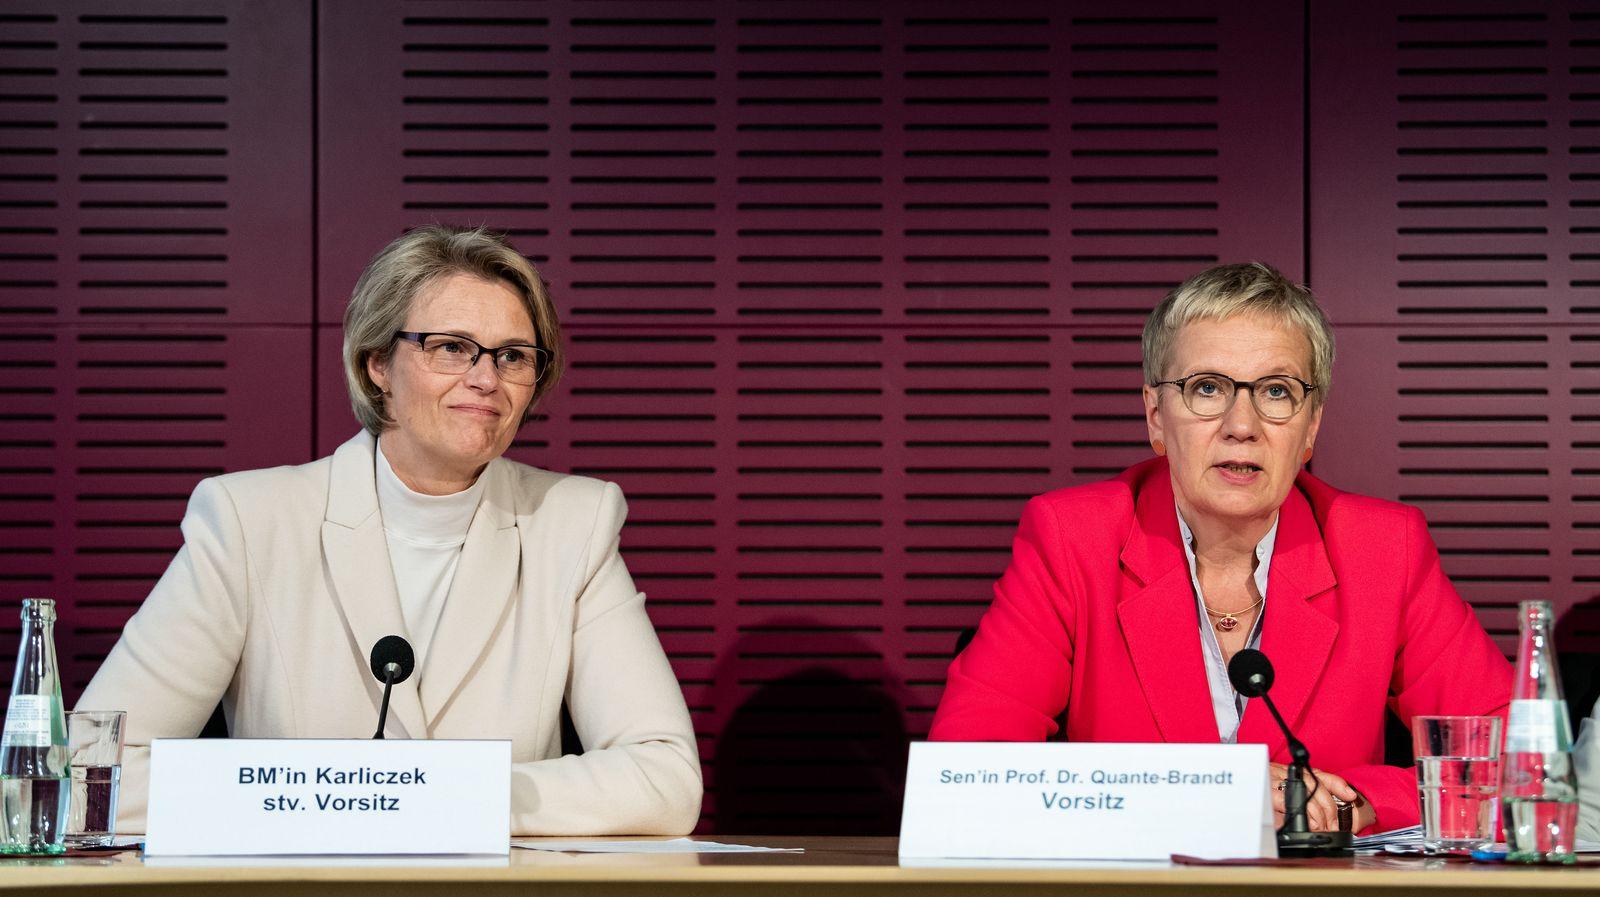 Sitzung der Gemeinsamen Wissenschaftskonferenz